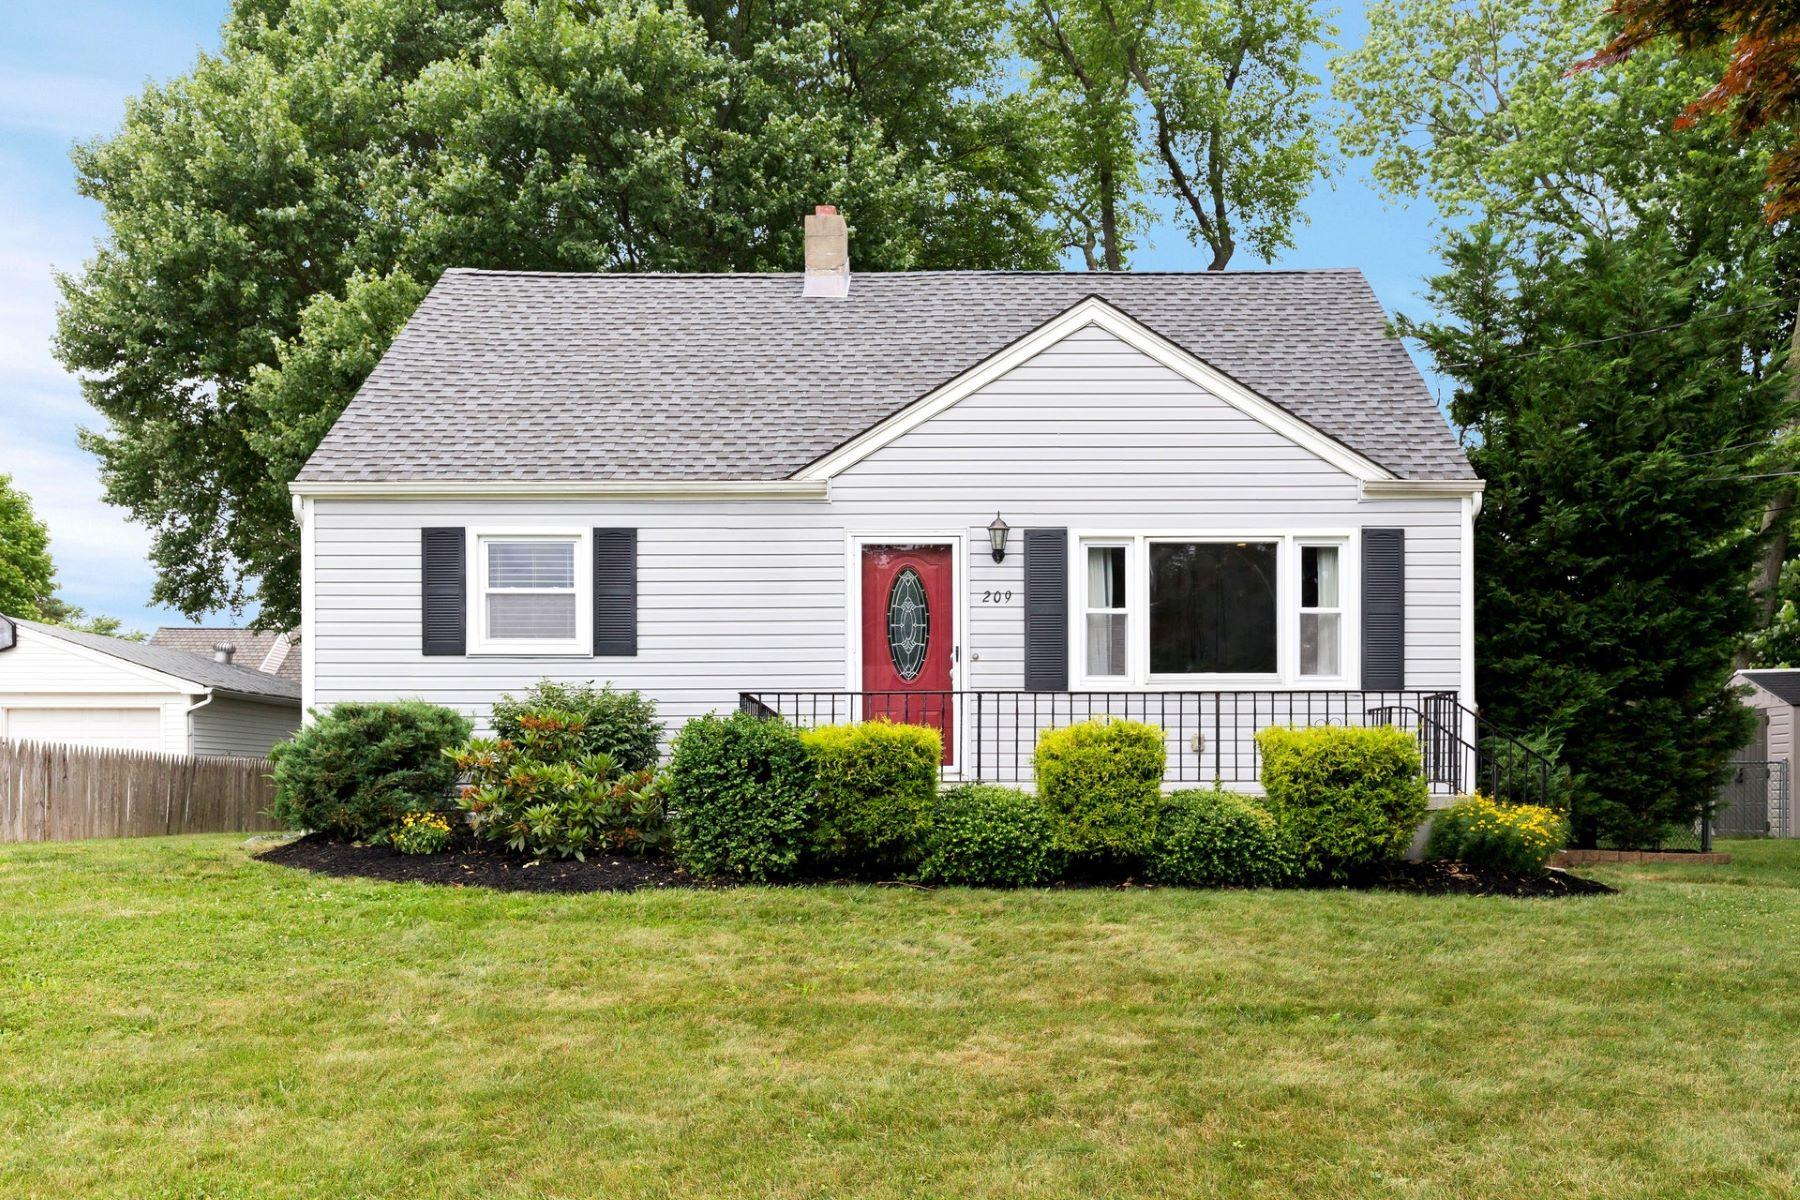 Maison unifamiliale pour l Vente à Hamilton Gardens Cape 209 Willow Dr, Neptune, New Jersey 07753 États-Unis